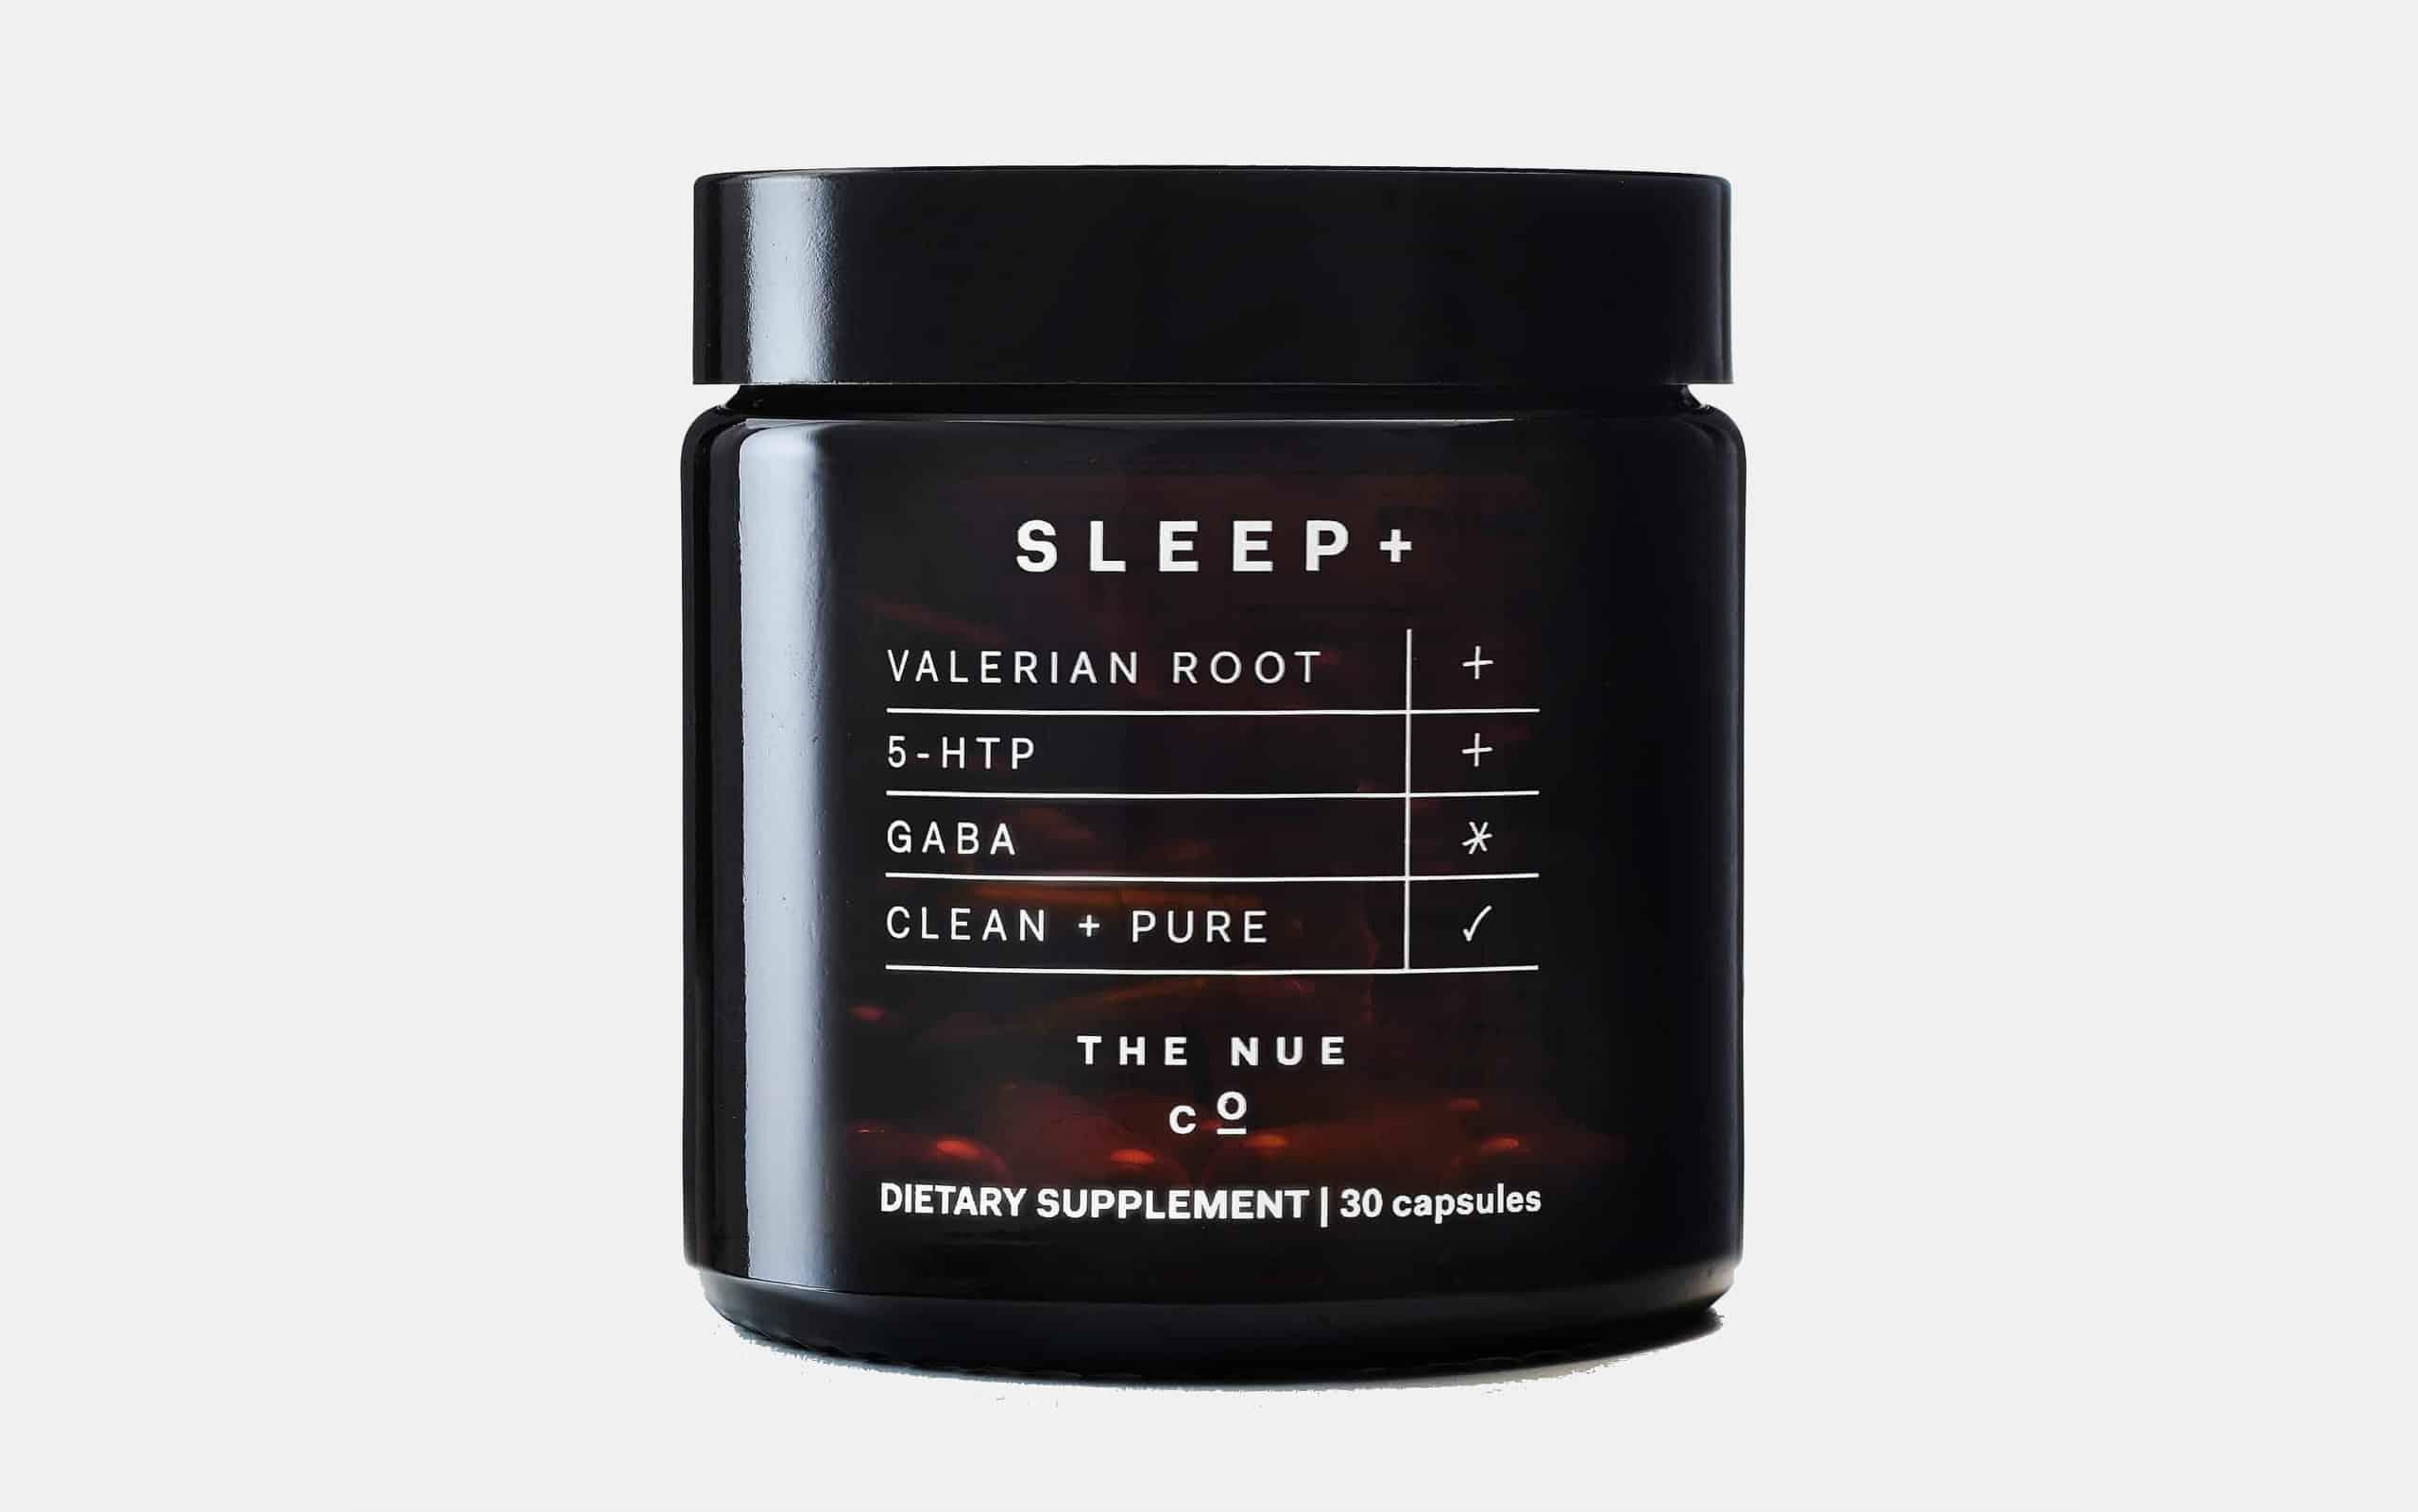 nue co sleep plus